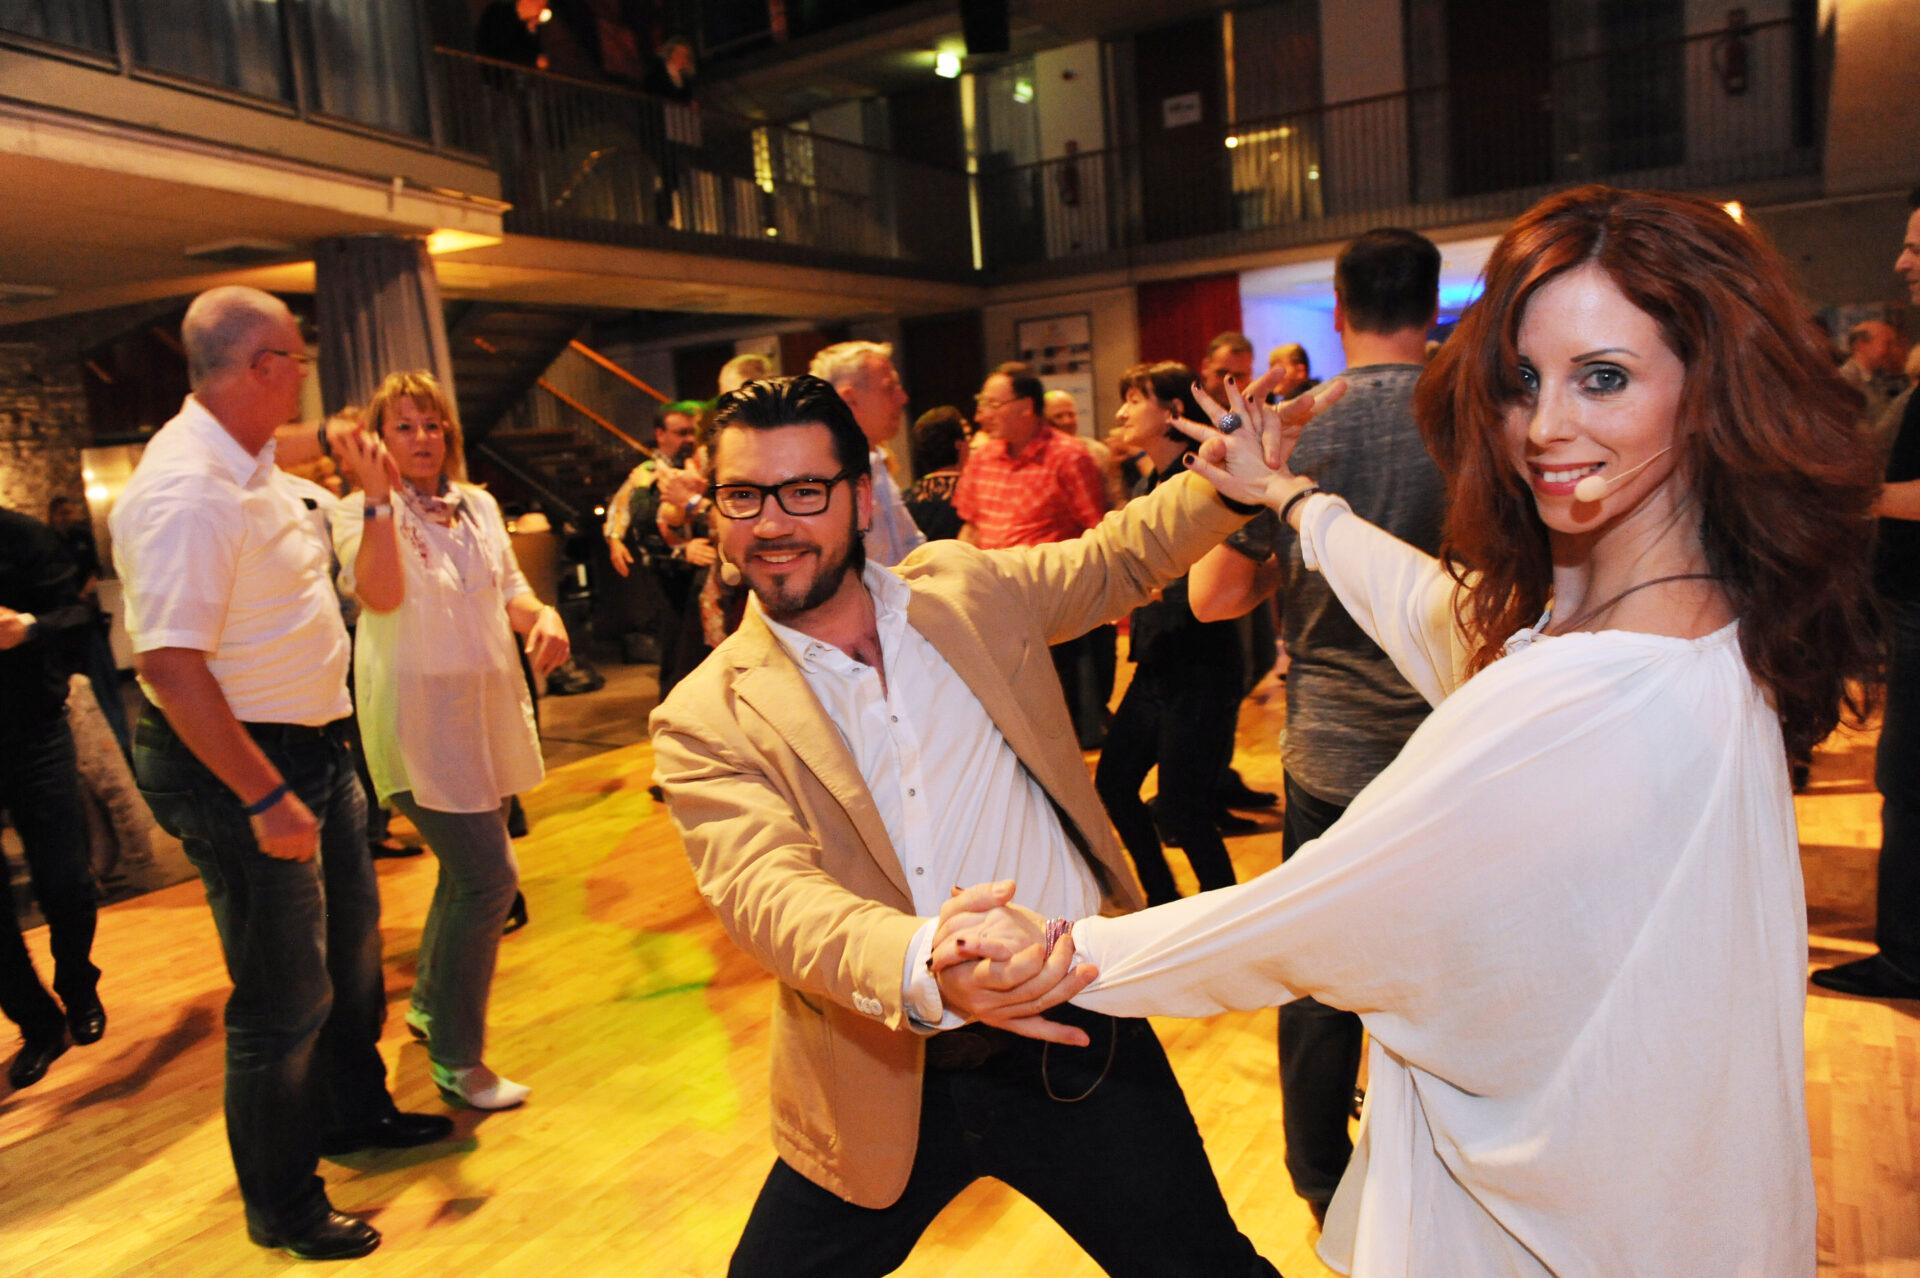 Tanzwelt in der Ruhrstadt: Körpergefühl und ganz viel Rhythmus